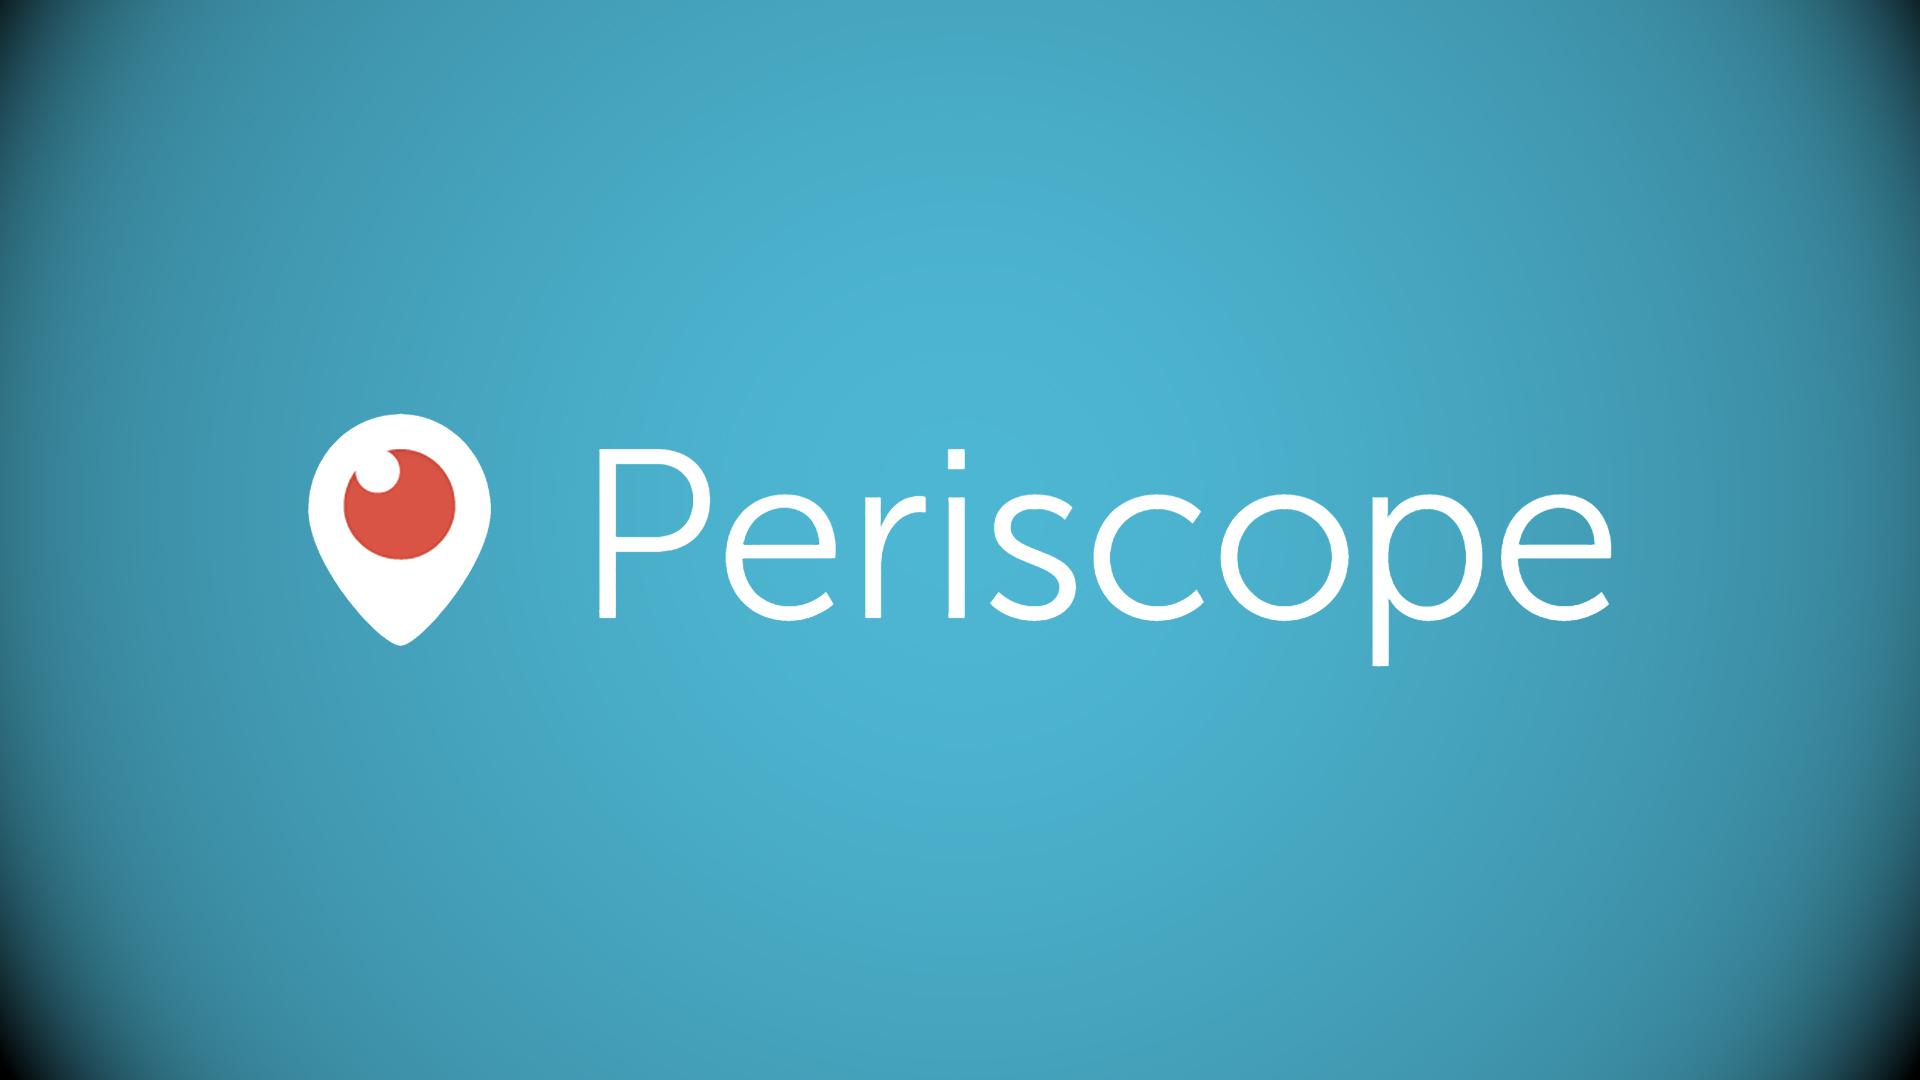 Periscope Live Video Applicaiton